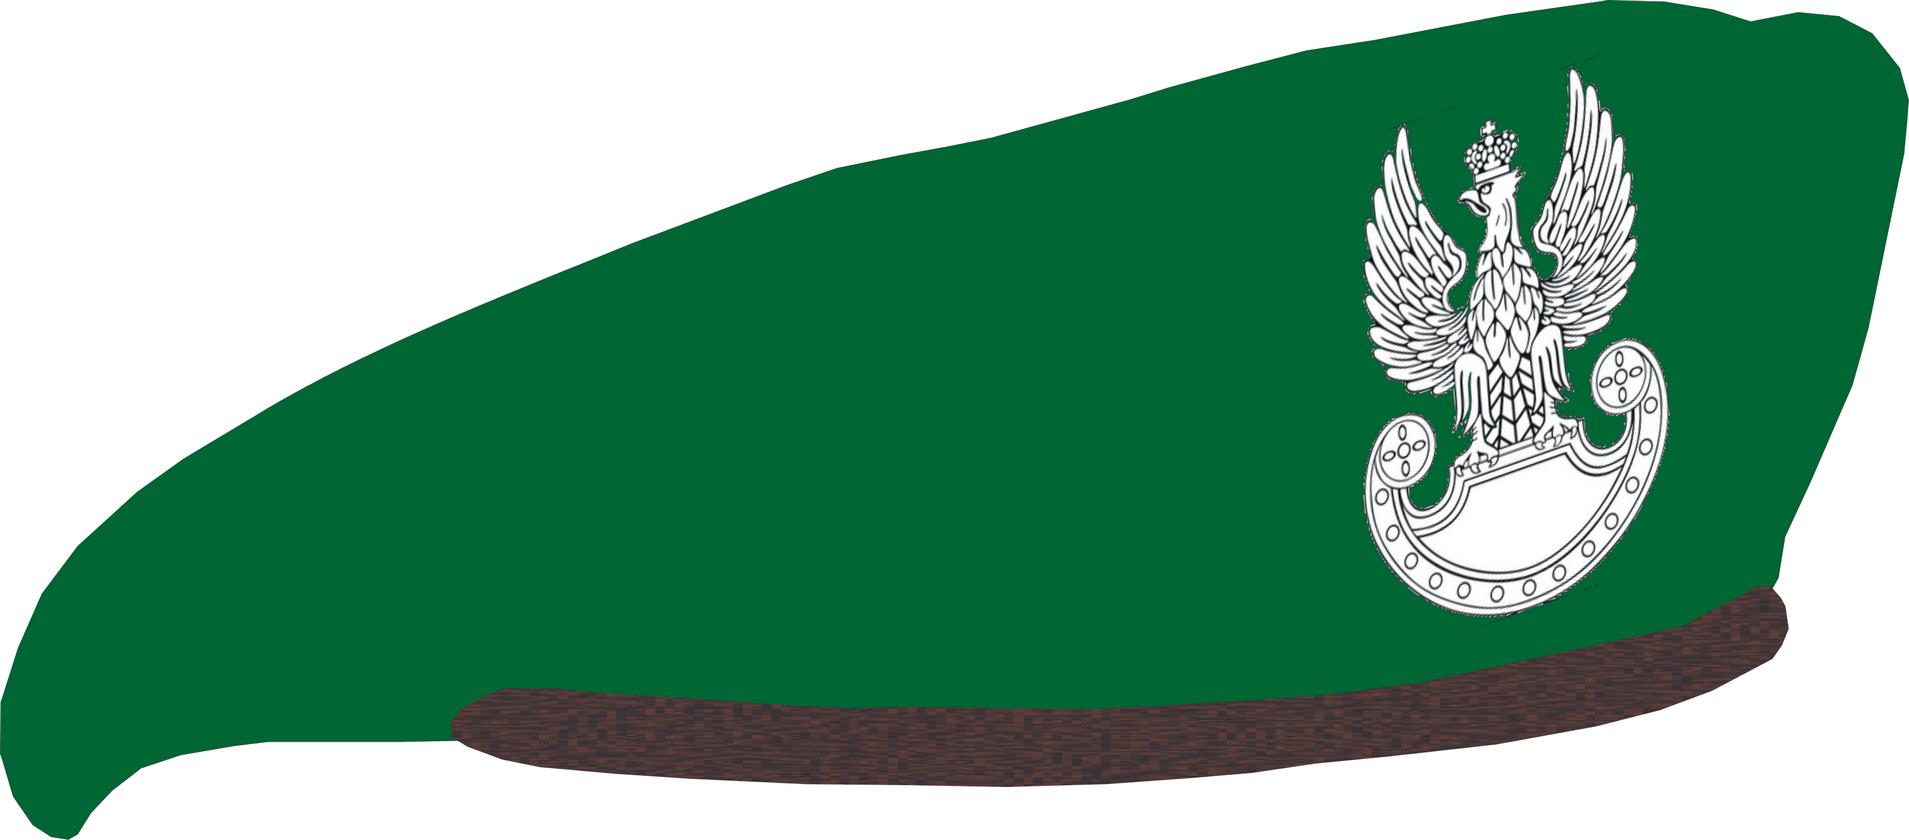 Beret PNG - 135809